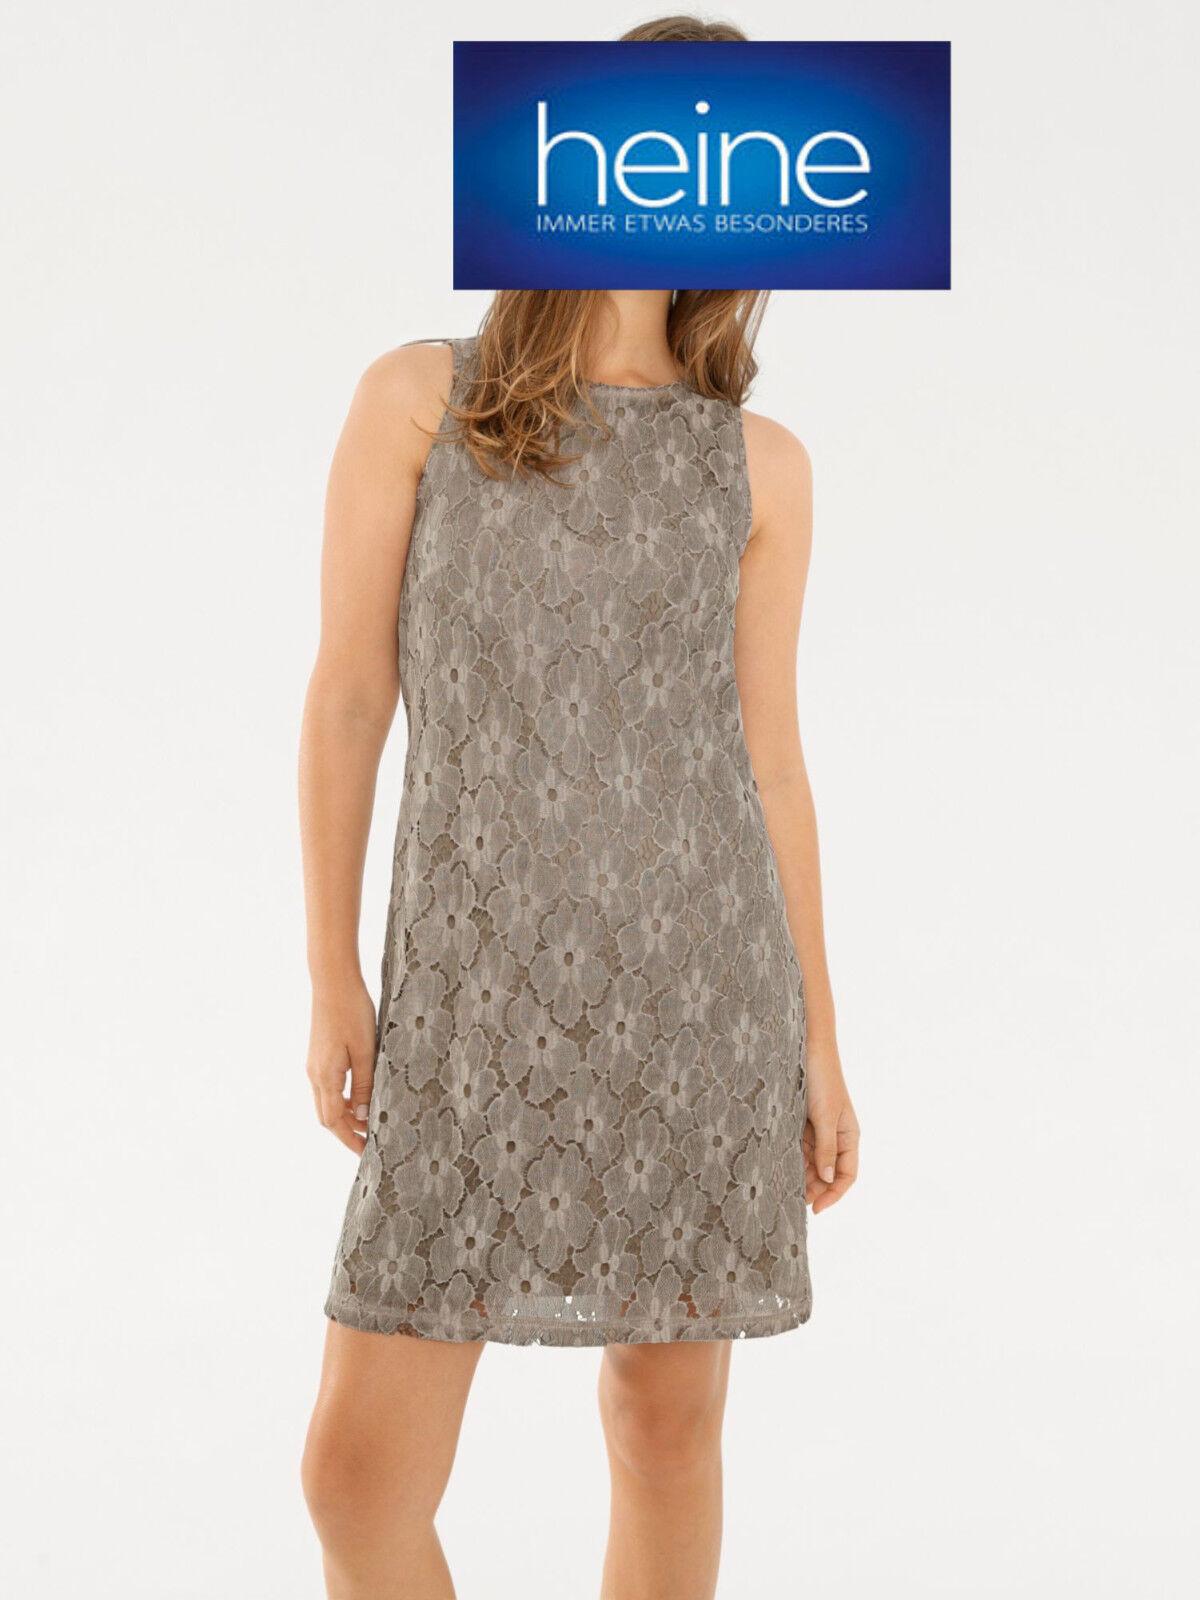 details zu spitzenkleid mit oil dyed waschung b.c. heine. taupe. neu!!! kp  59,90 € sale%%%